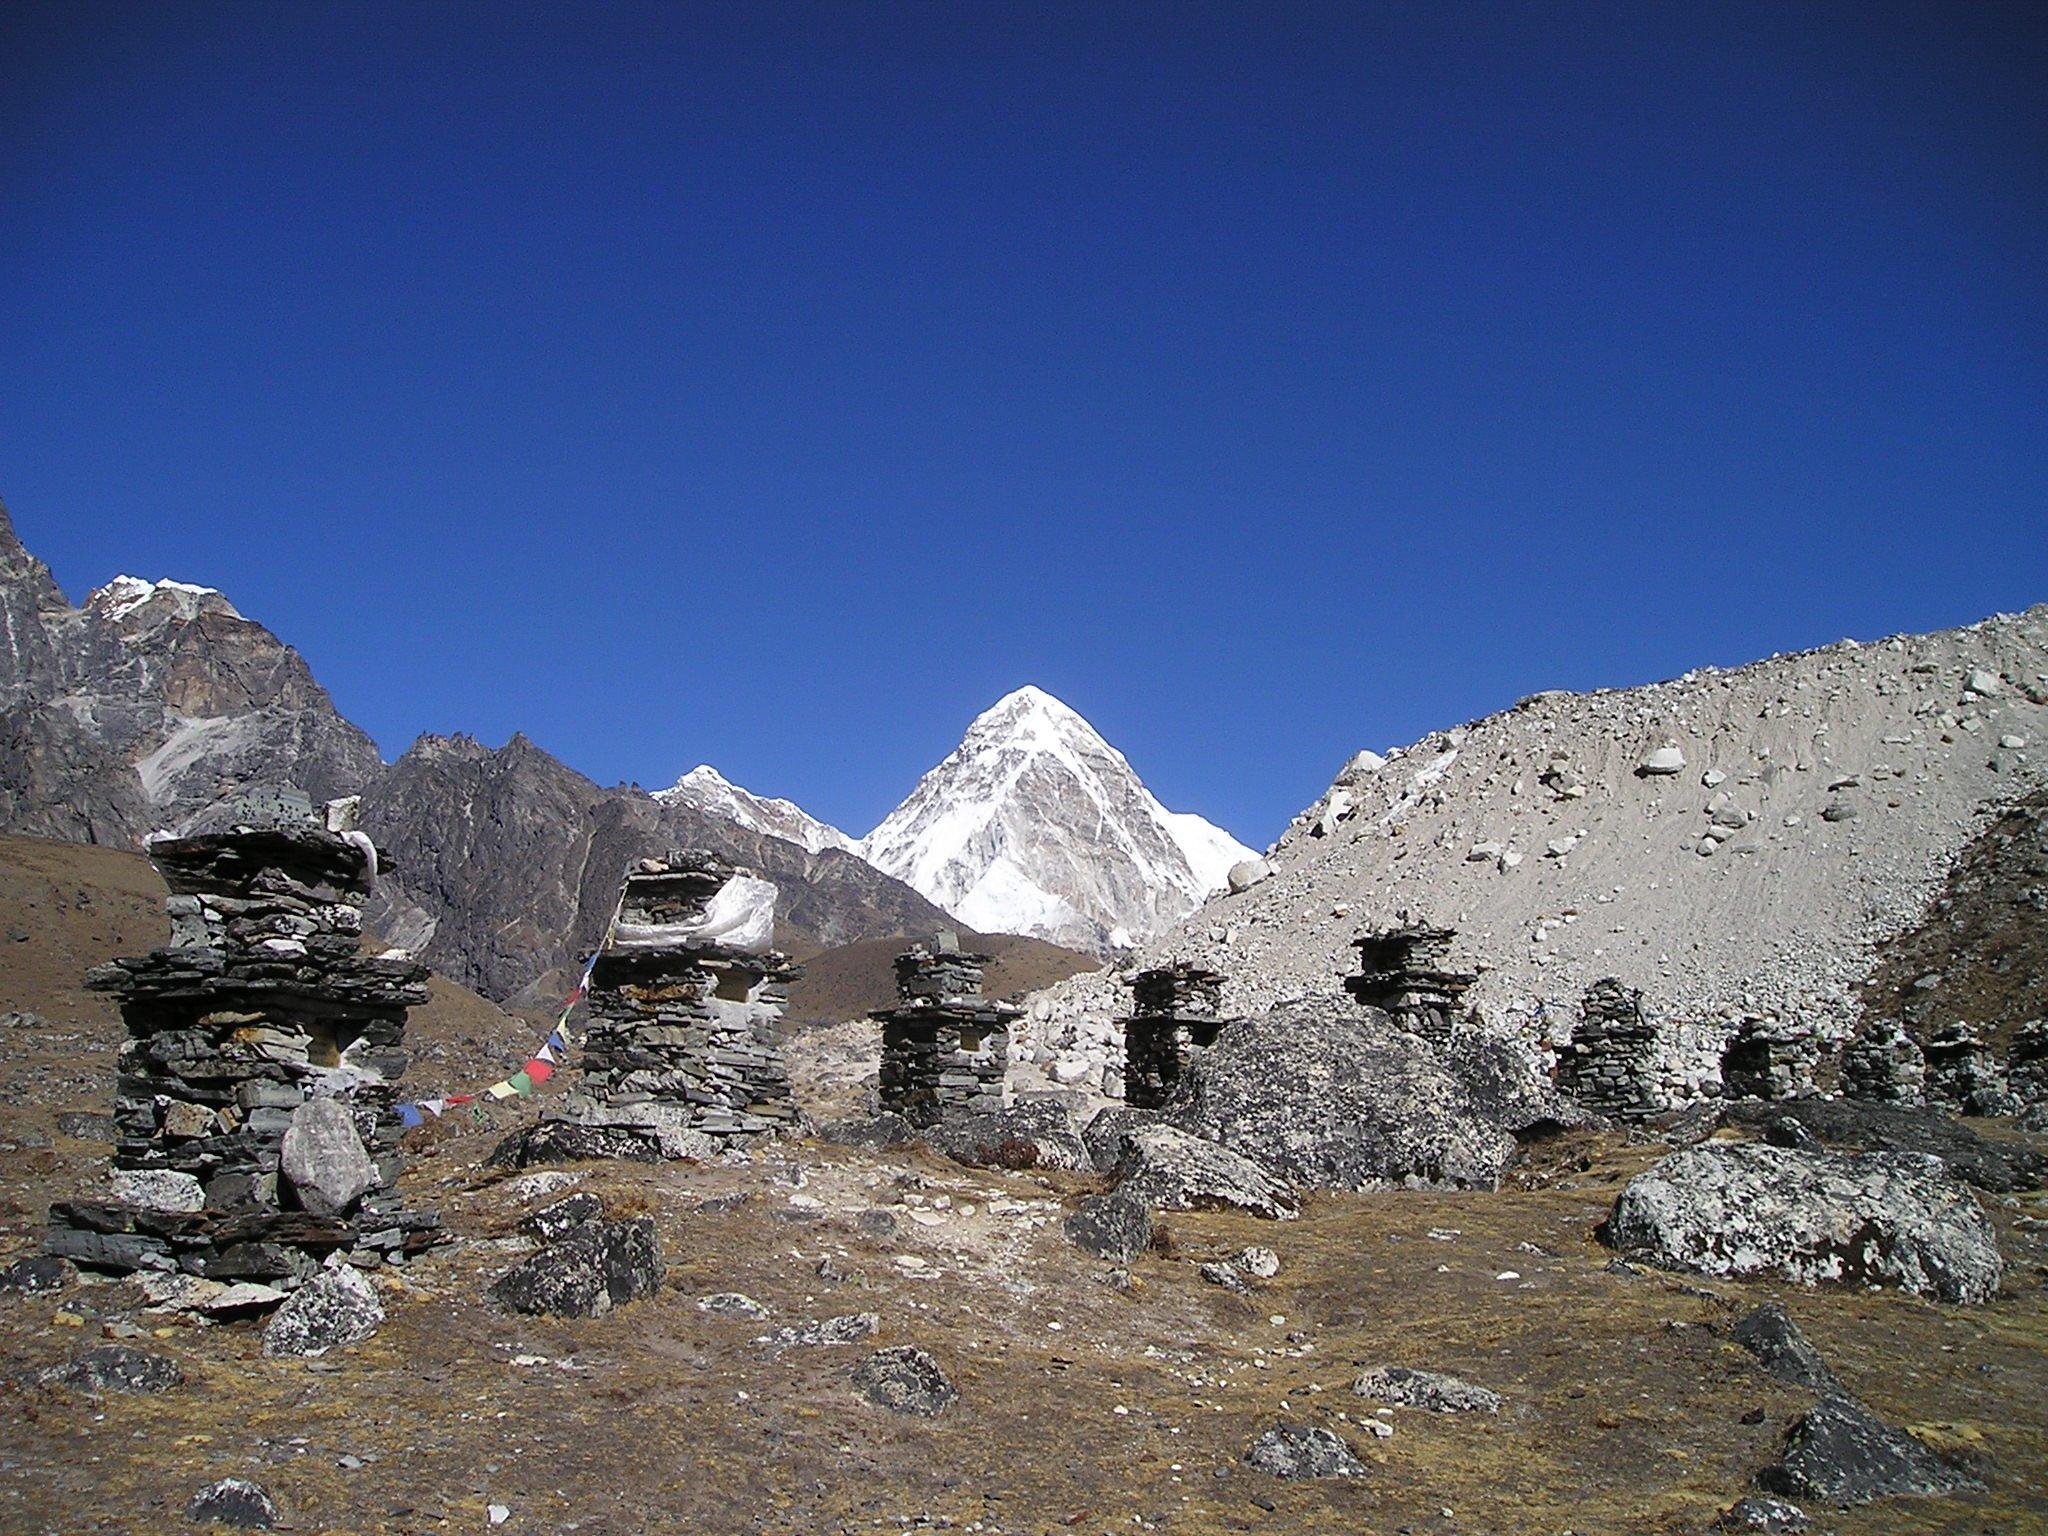 Gambar Pemandangan Gurun Berjalan Salju Musim Dingin